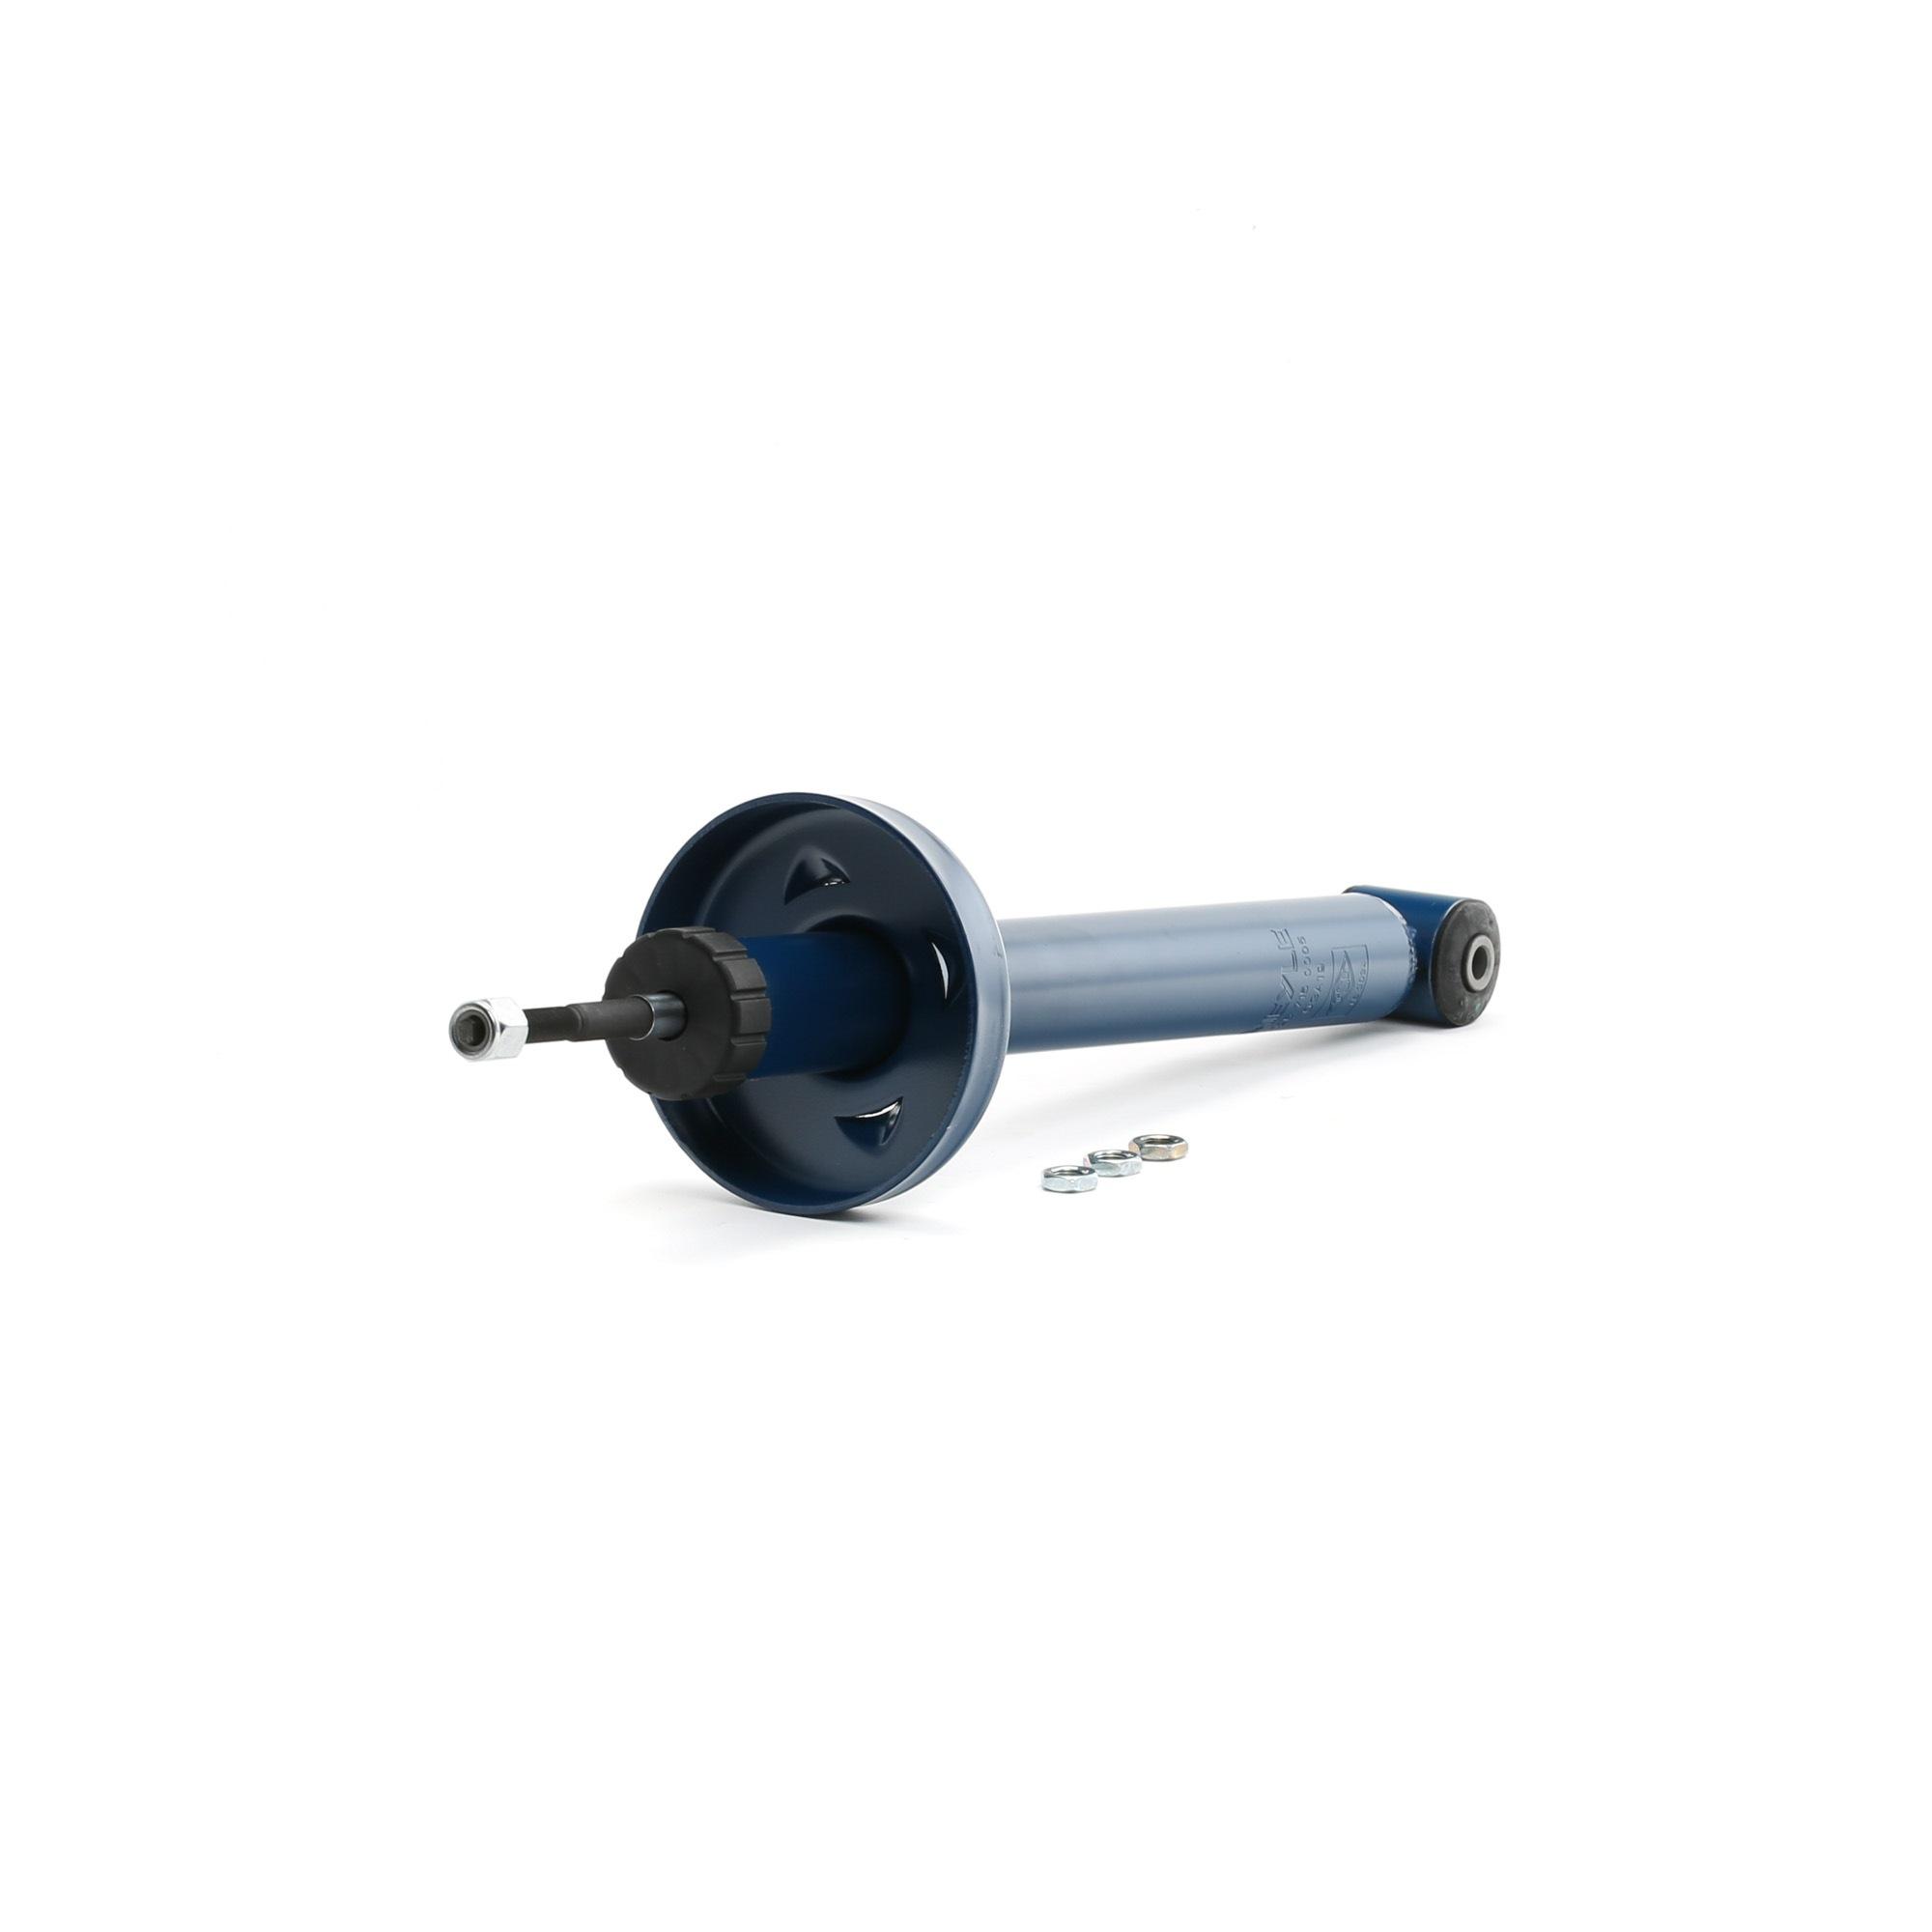 Купете MSA0107 MEYLE задна ос, маслен, ORIGINAL Quality, двутръбен, носещ пружина амортисьор, отгоре щифт, ухо отдолу Амортисьор 126 715 0005 евтино